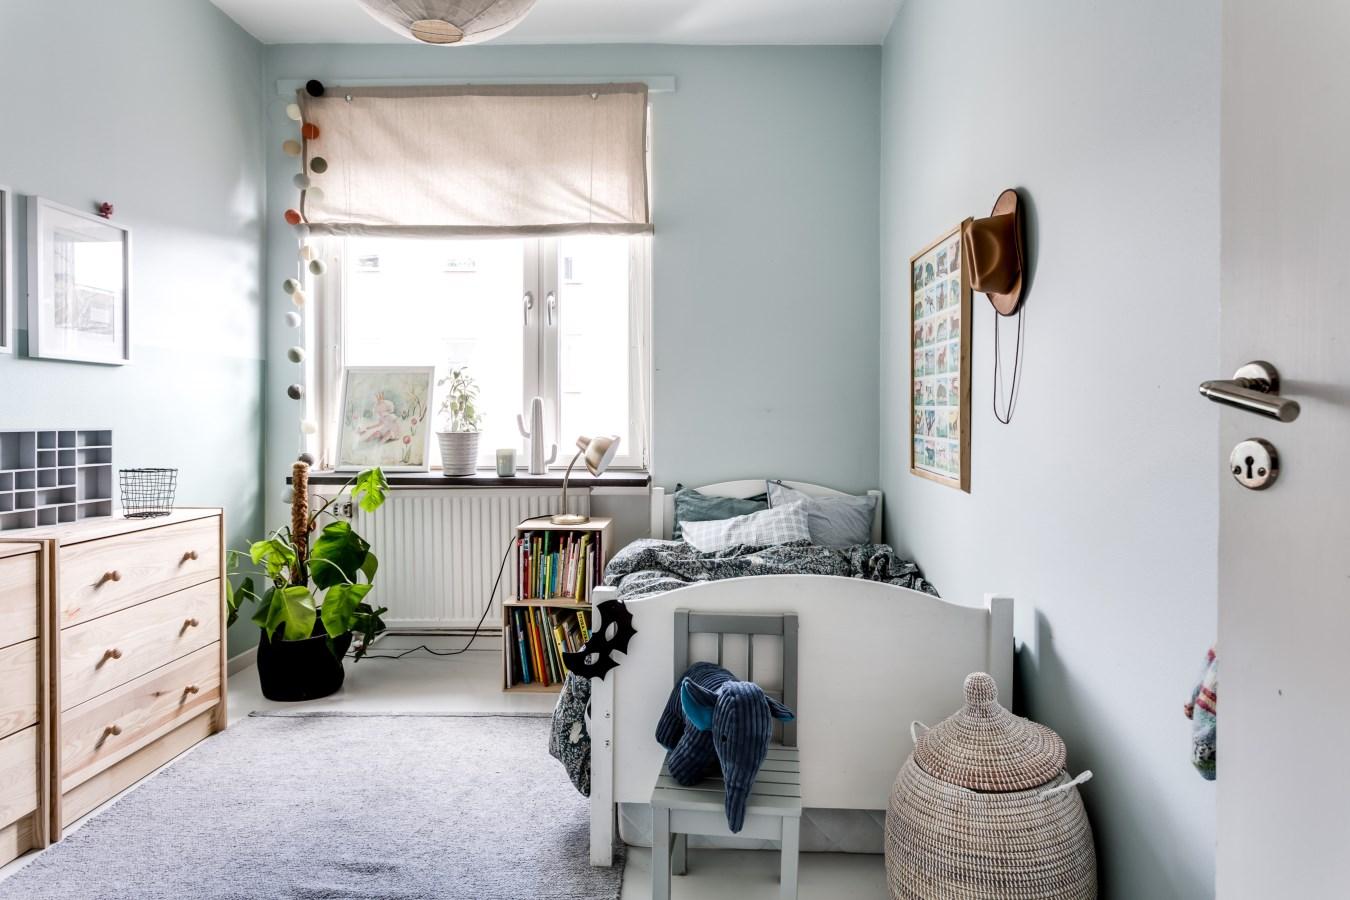 детская спальня кровать окно